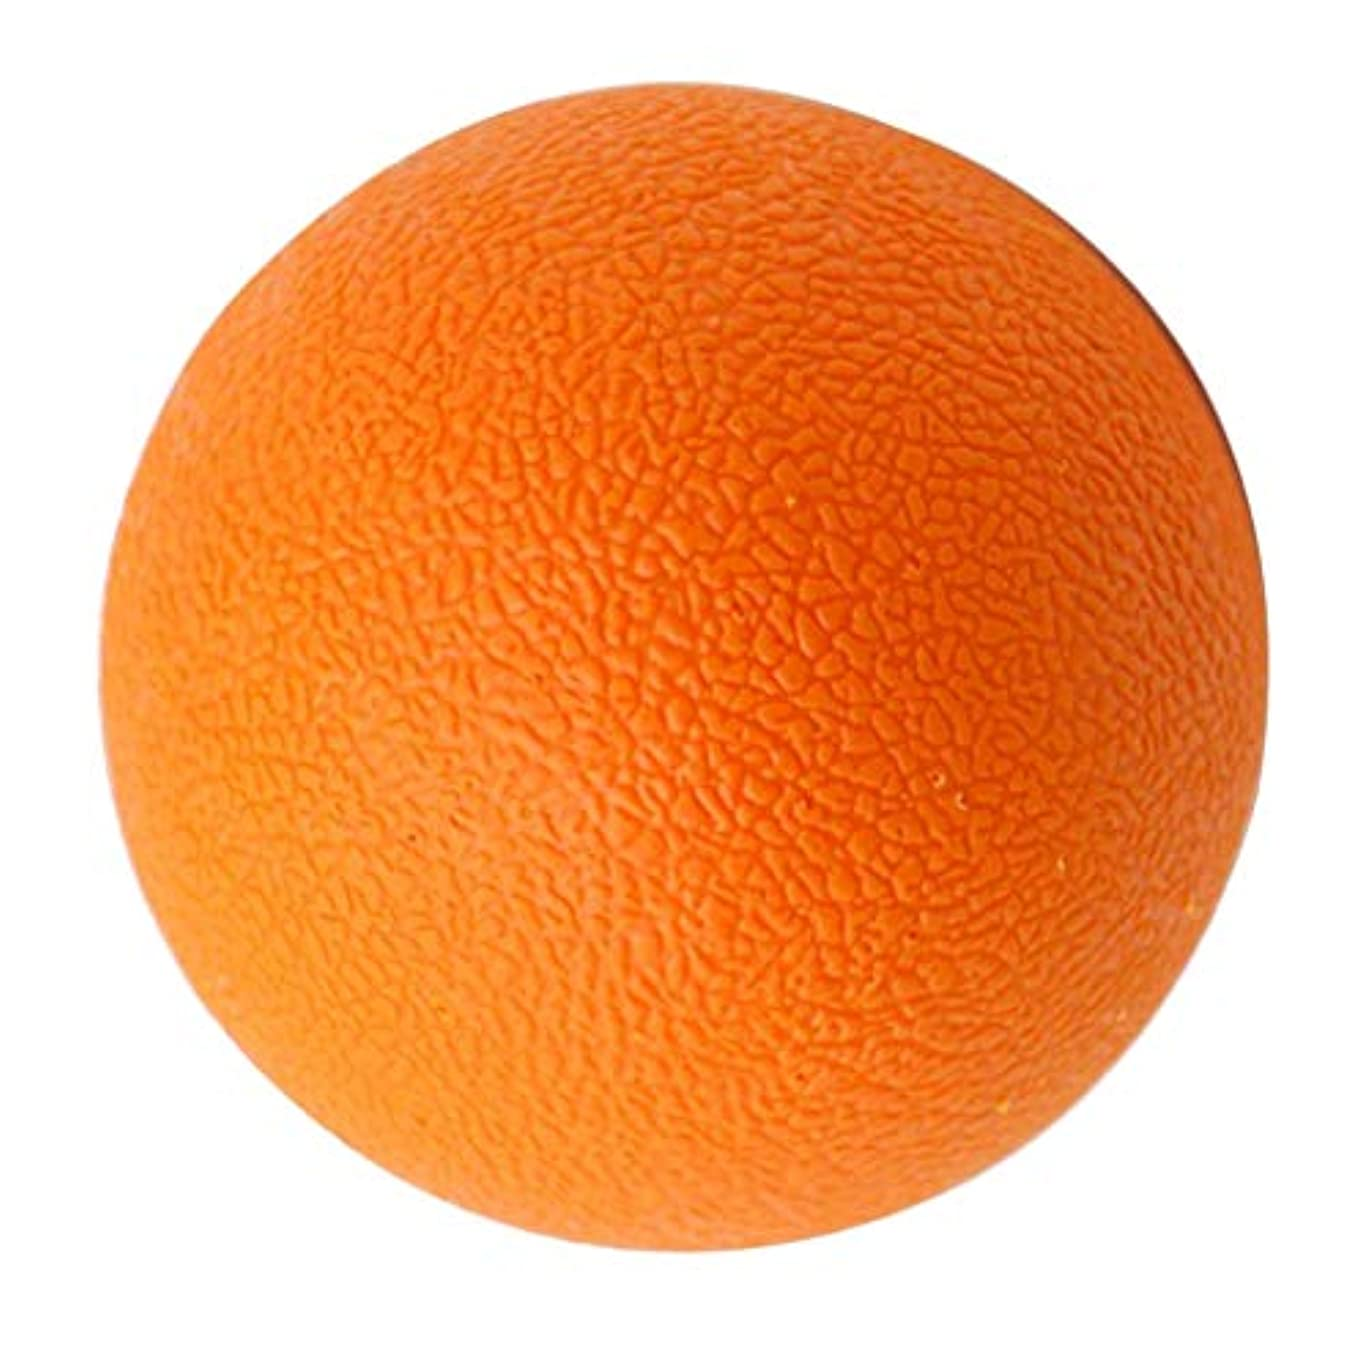 dailymall マッサージボール ラクロスボール ストレッチボール 筋膜リリース 背中 肩 腰トレーニング ツボ押し